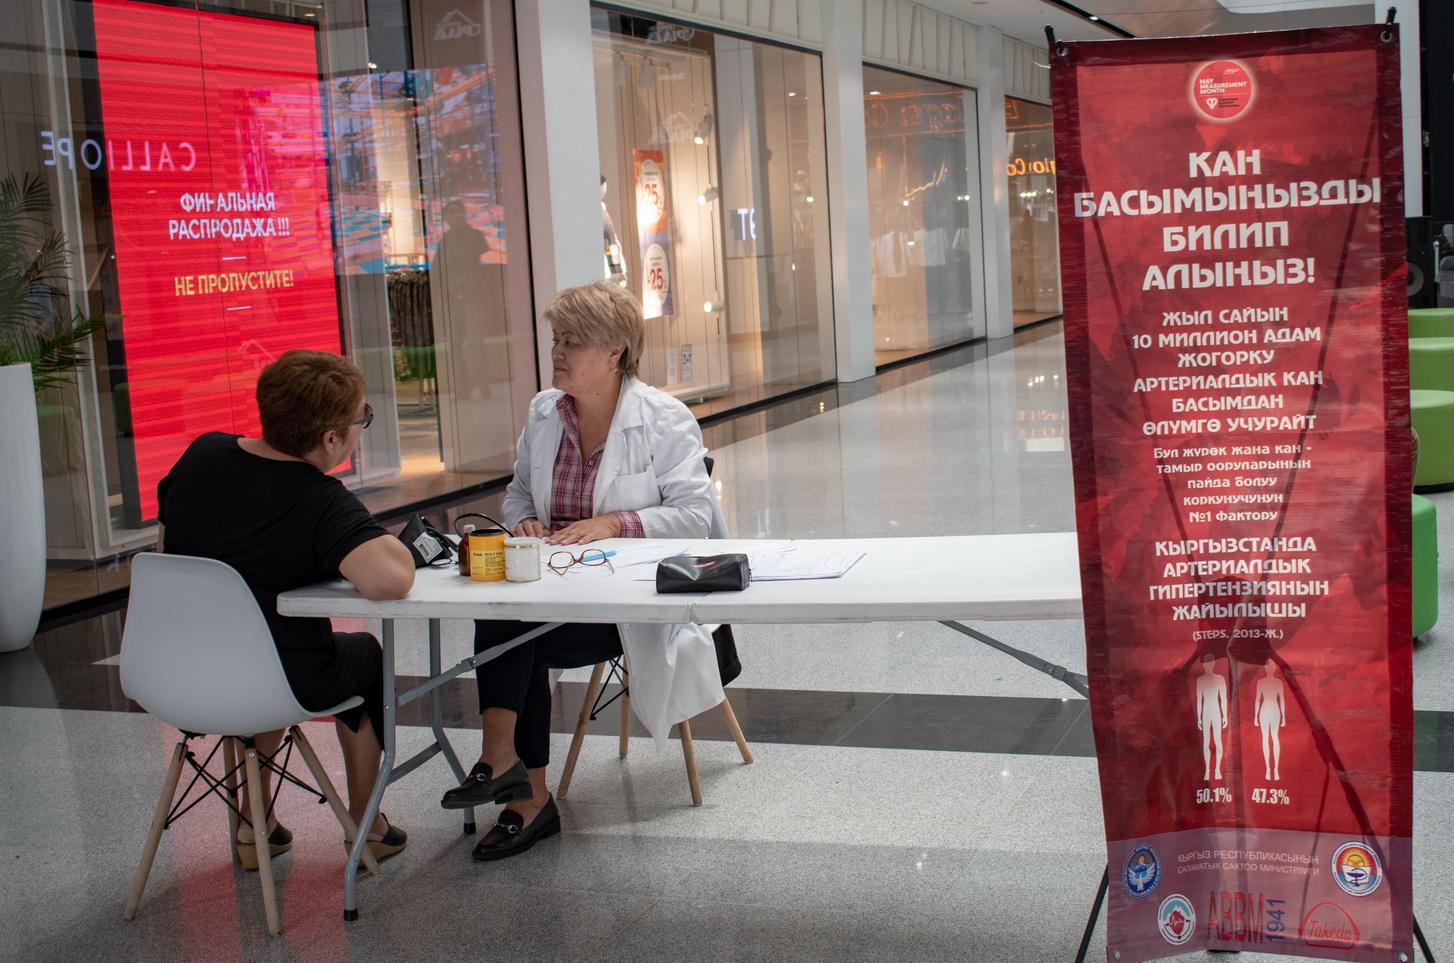 Ваш мозг готов взорваться? В Бишкеке до 30 сентября все могут бесплатно проверить свое давление